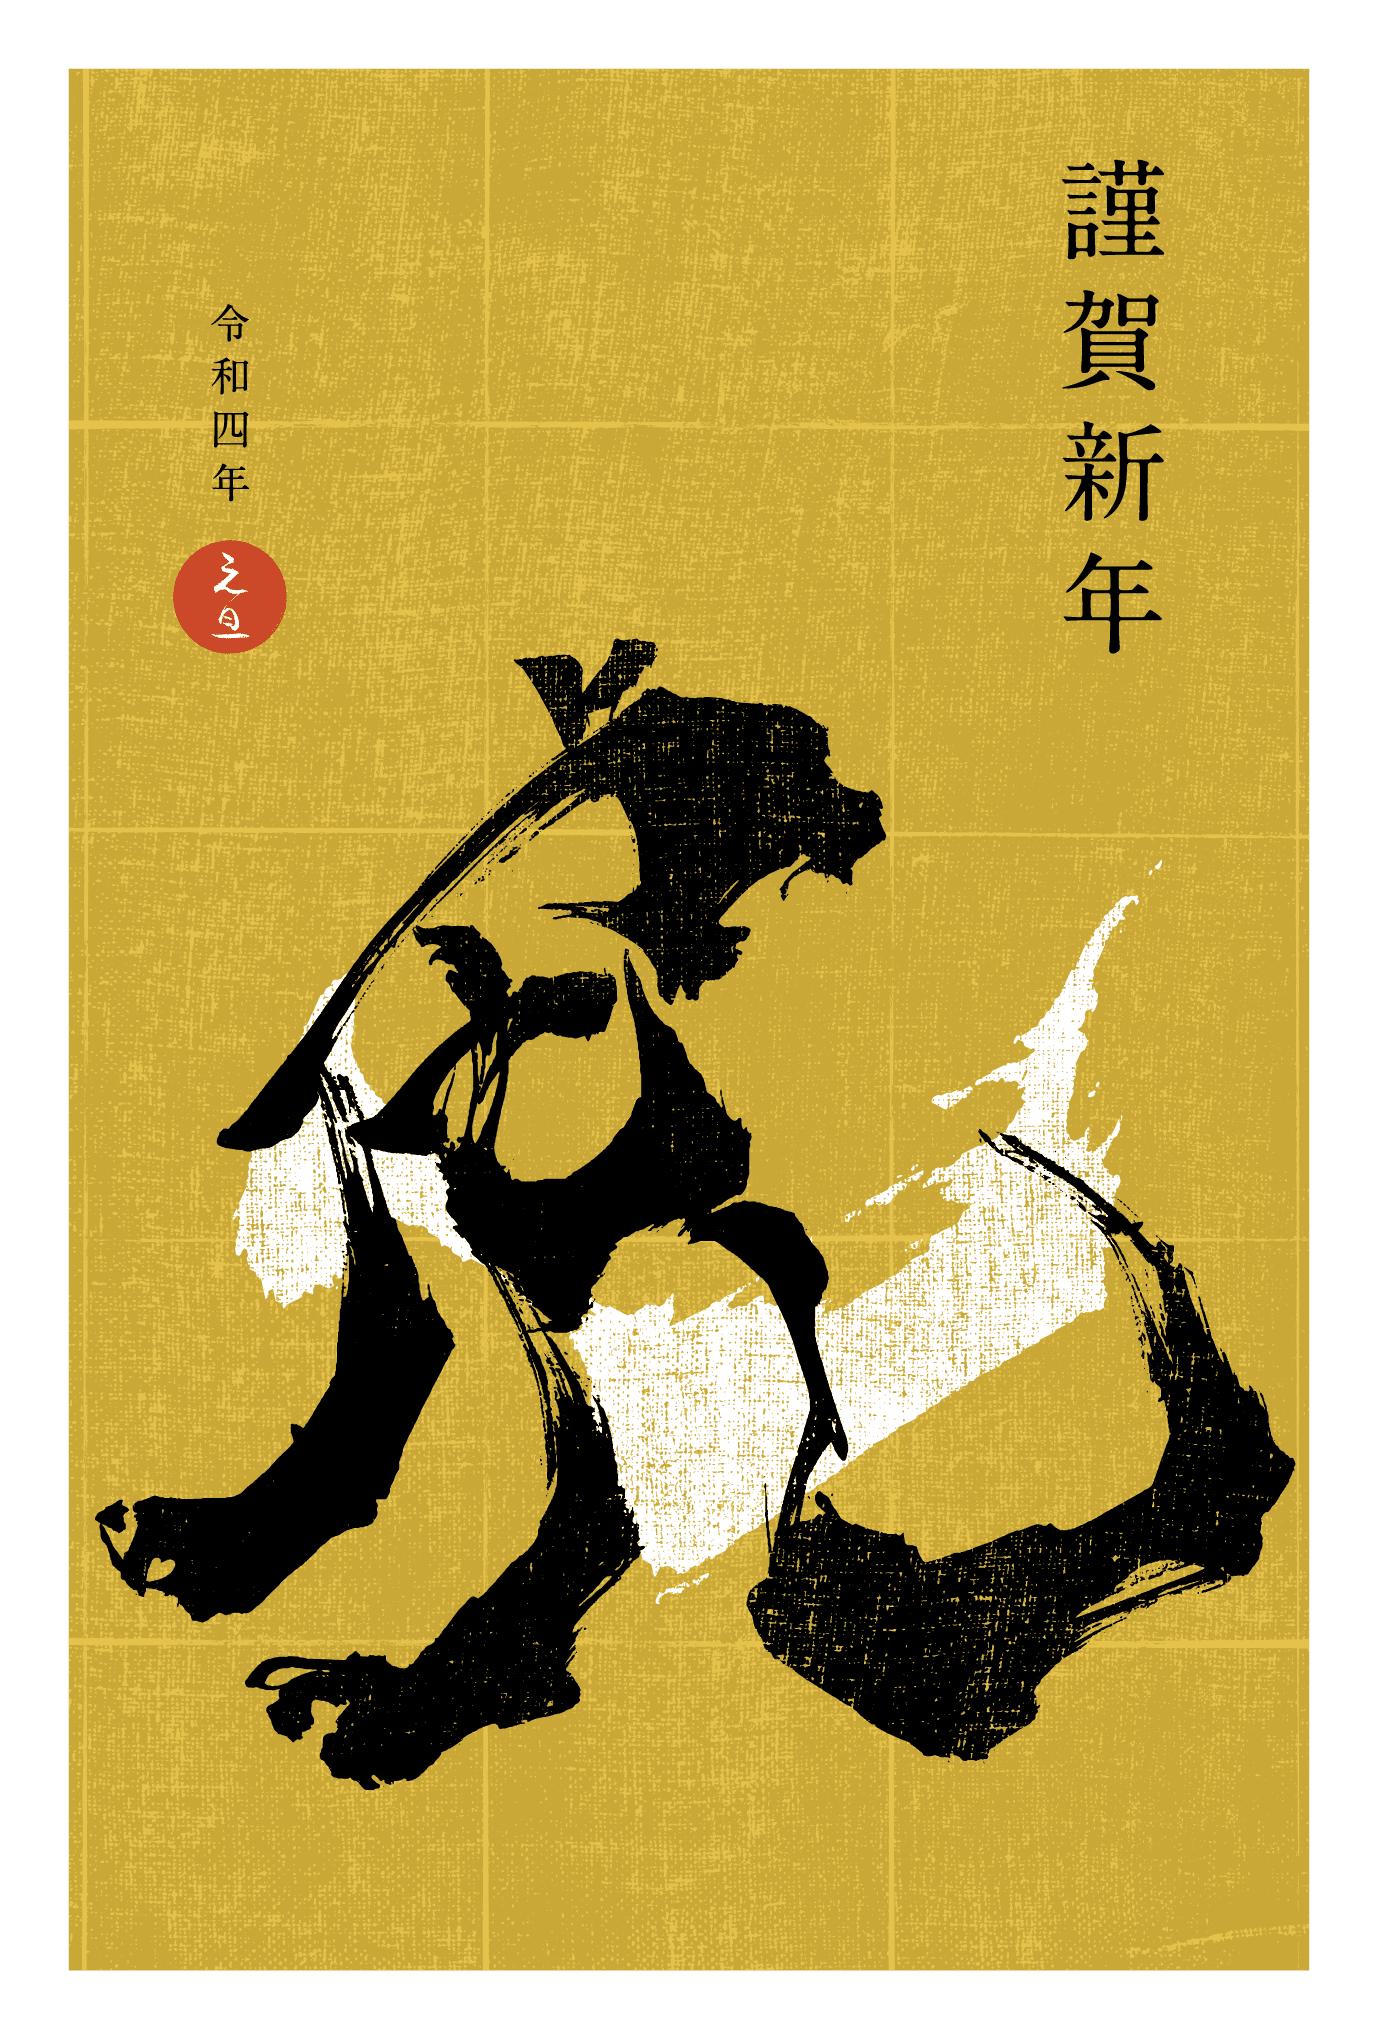 2022年賀状15-1:虎 Calligraphy / 立虎A(金)のダウンロード画像